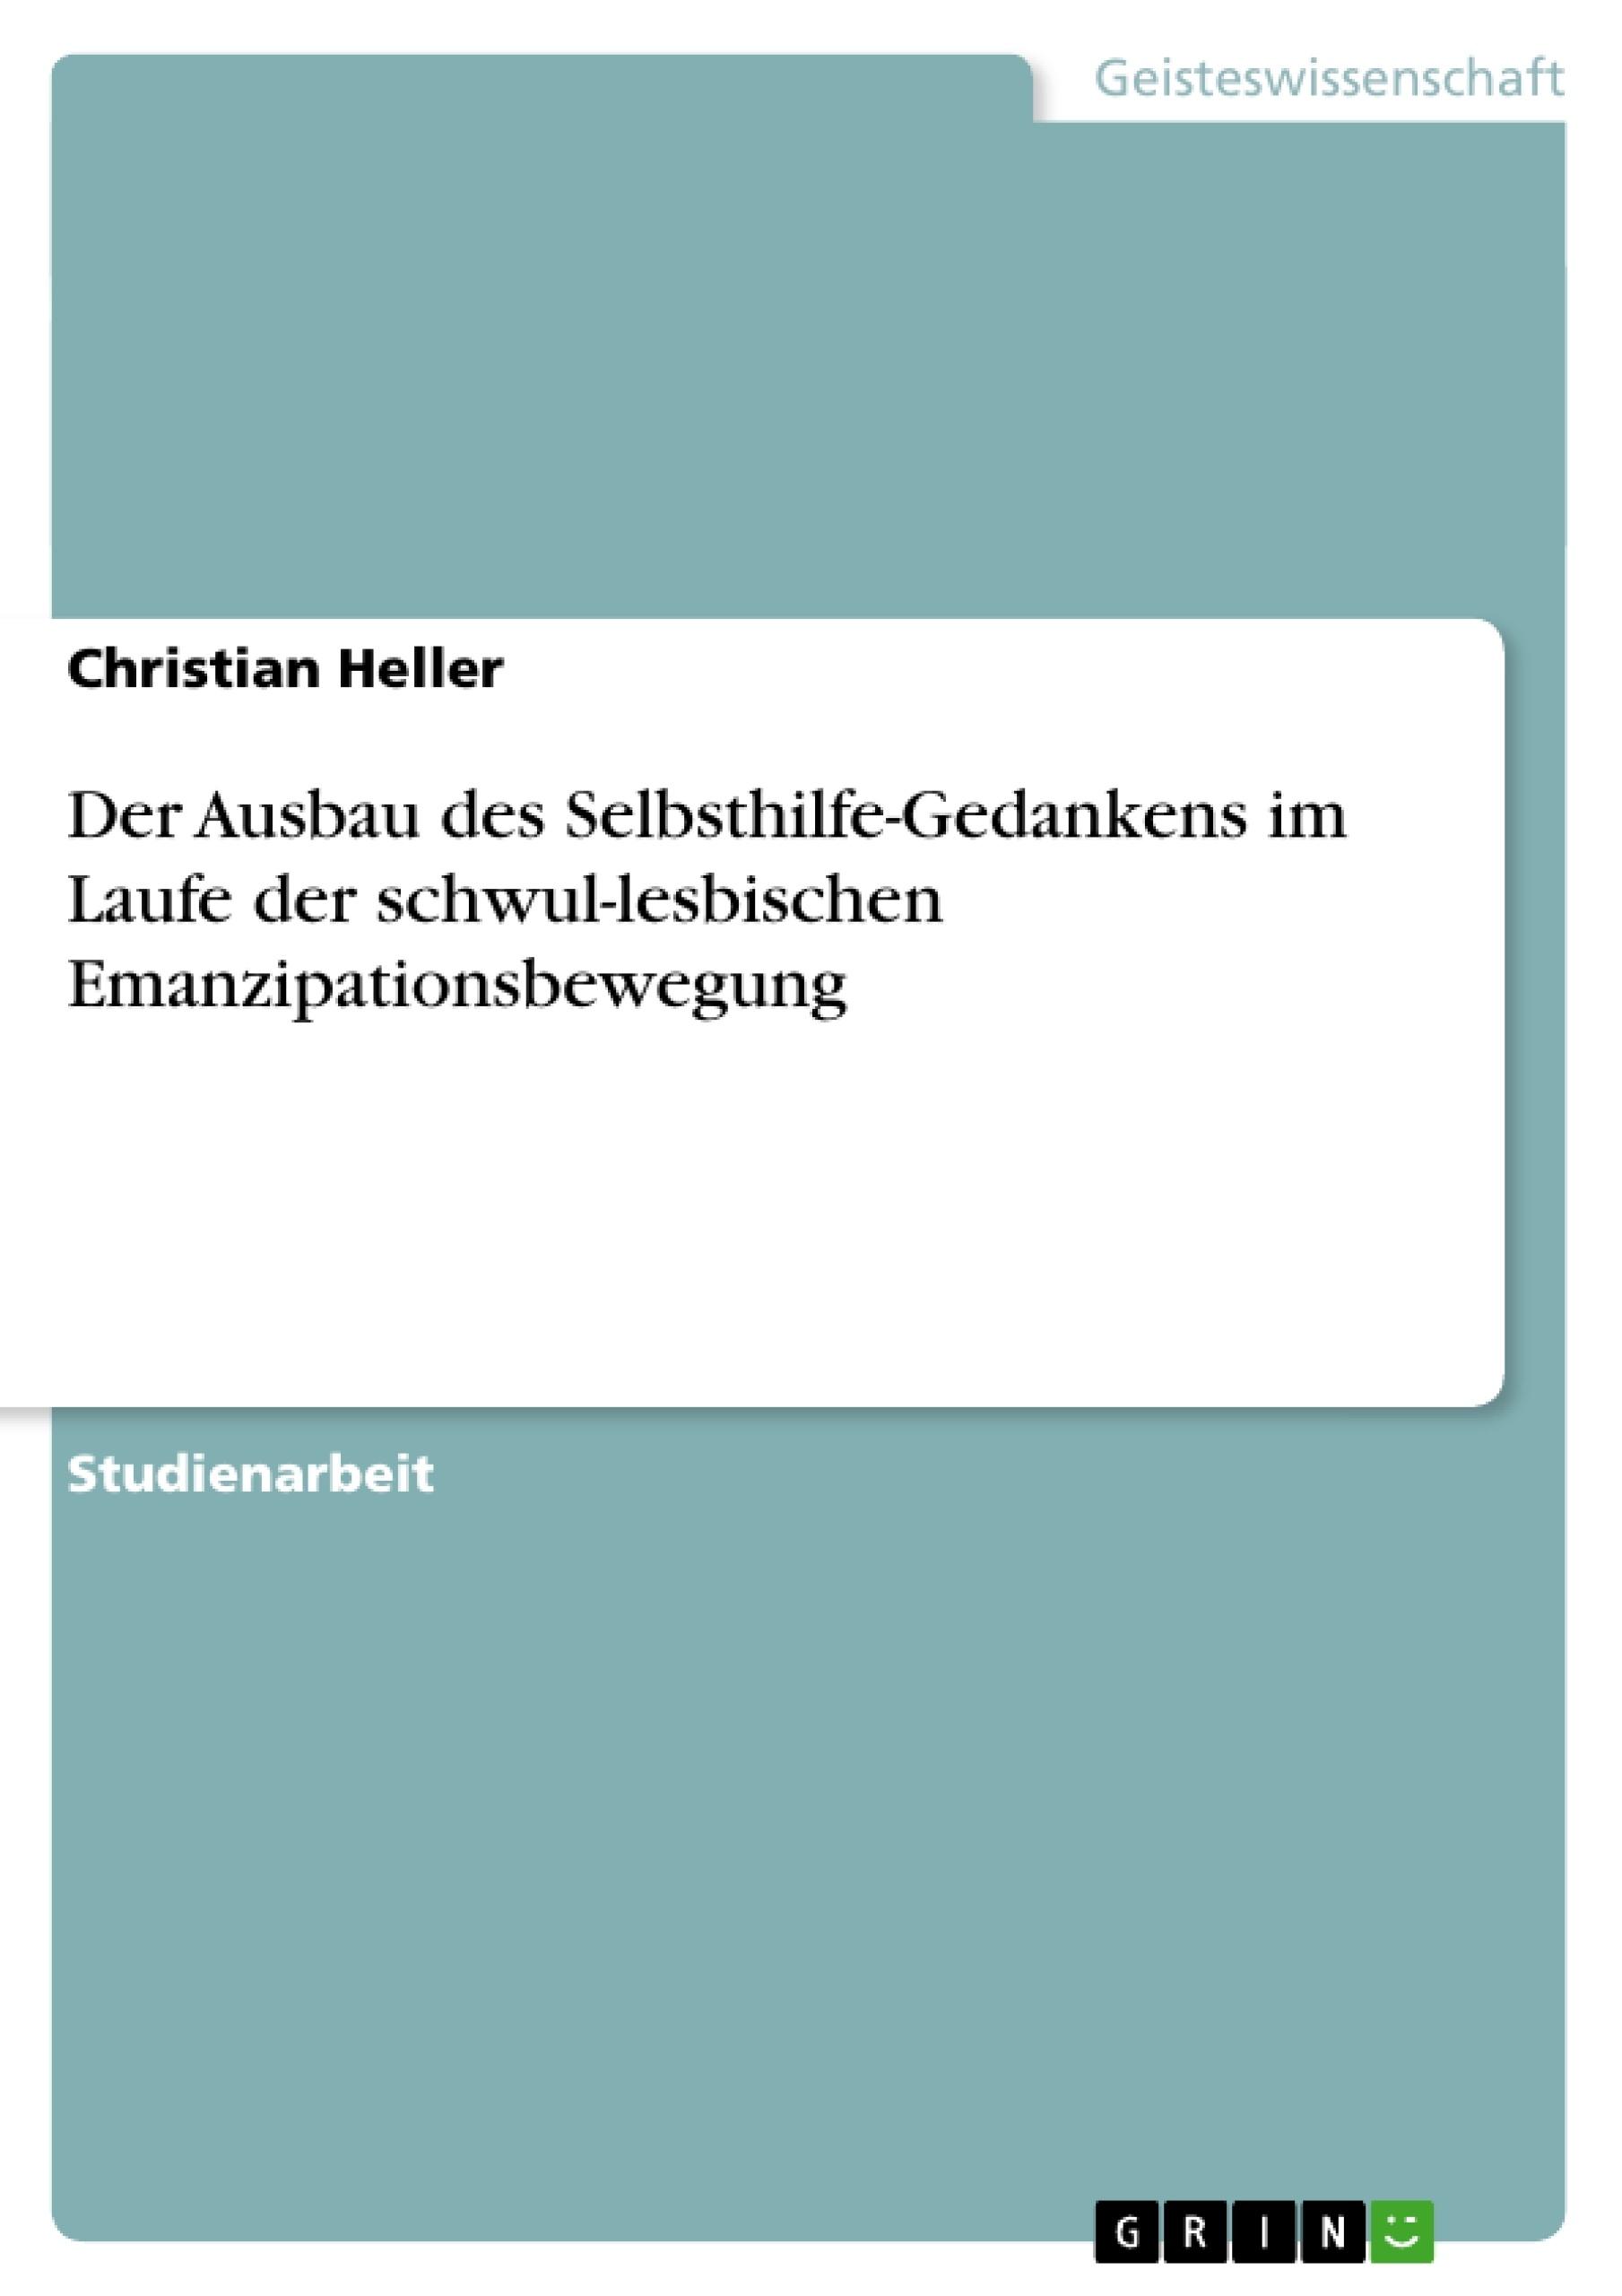 Titel: Der Ausbau des Selbsthilfe-Gedankens im Laufe der schwul-lesbischen Emanzipationsbewegung